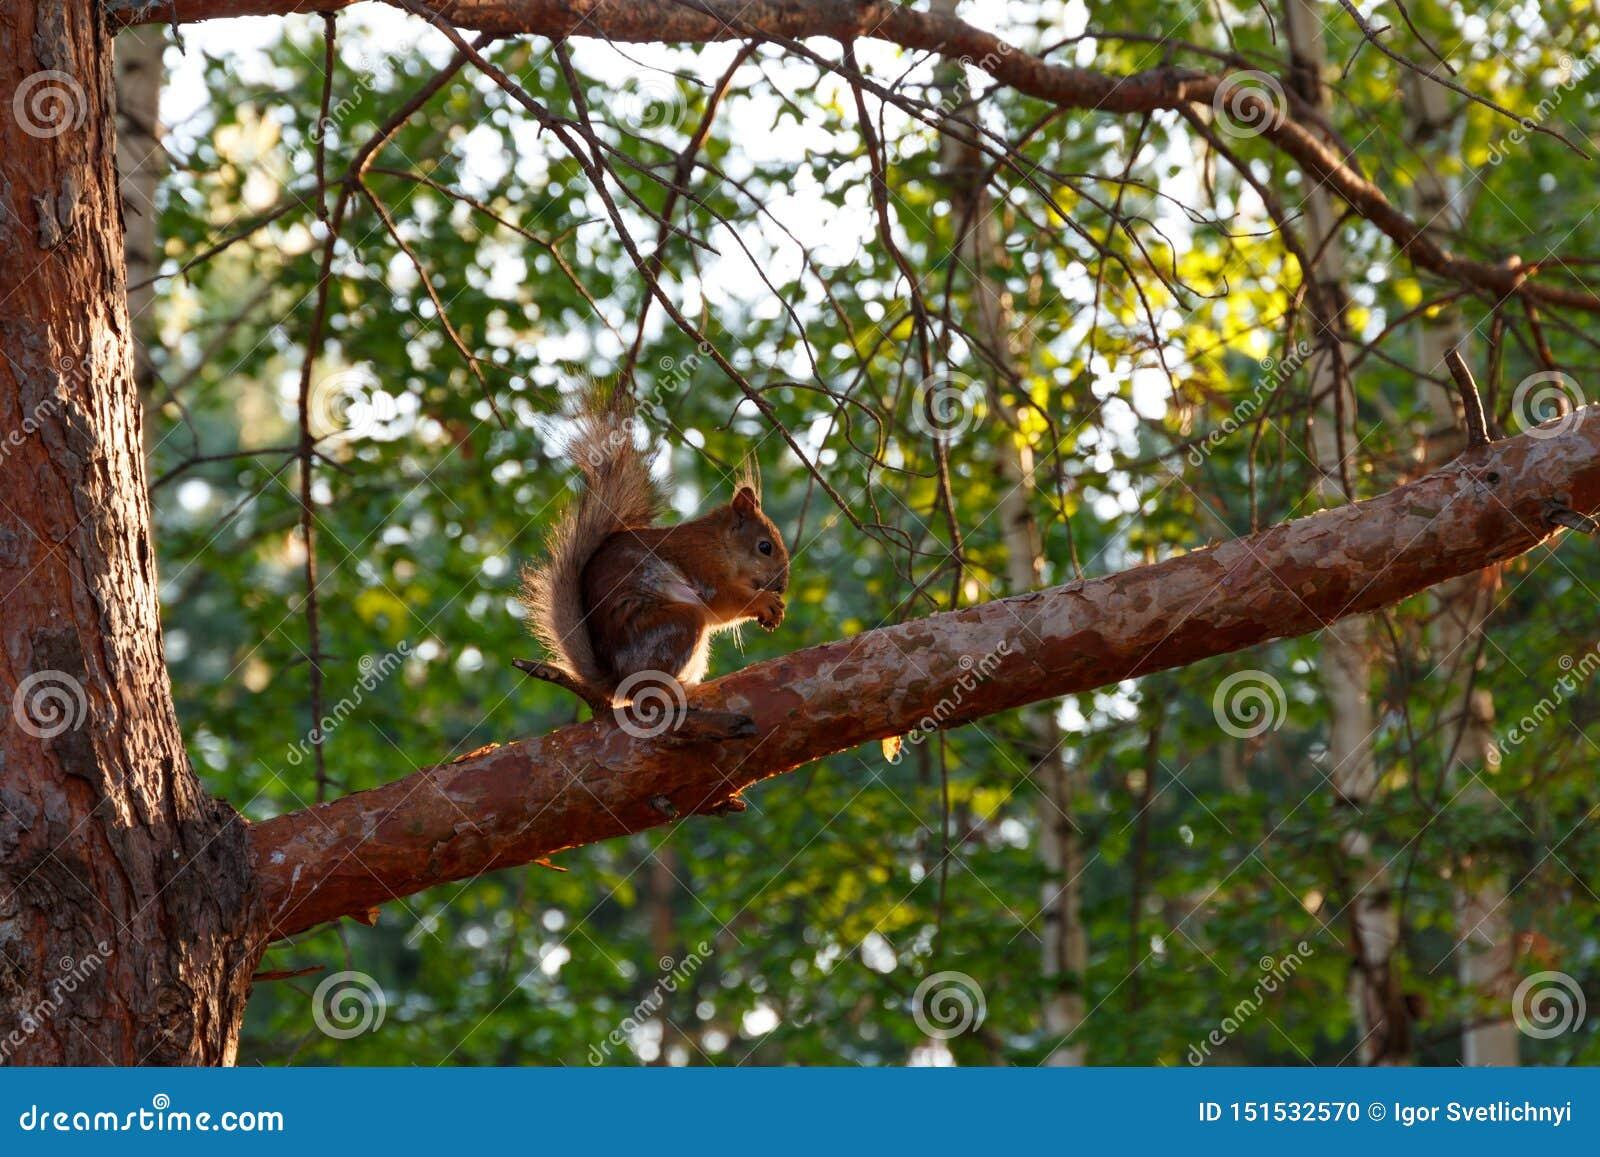 Uno scoiattolo selvaggio si siede su un ramo del pino e mangia le nocciole Sfondo naturale Copi lo spazio Scoiattolo in natura